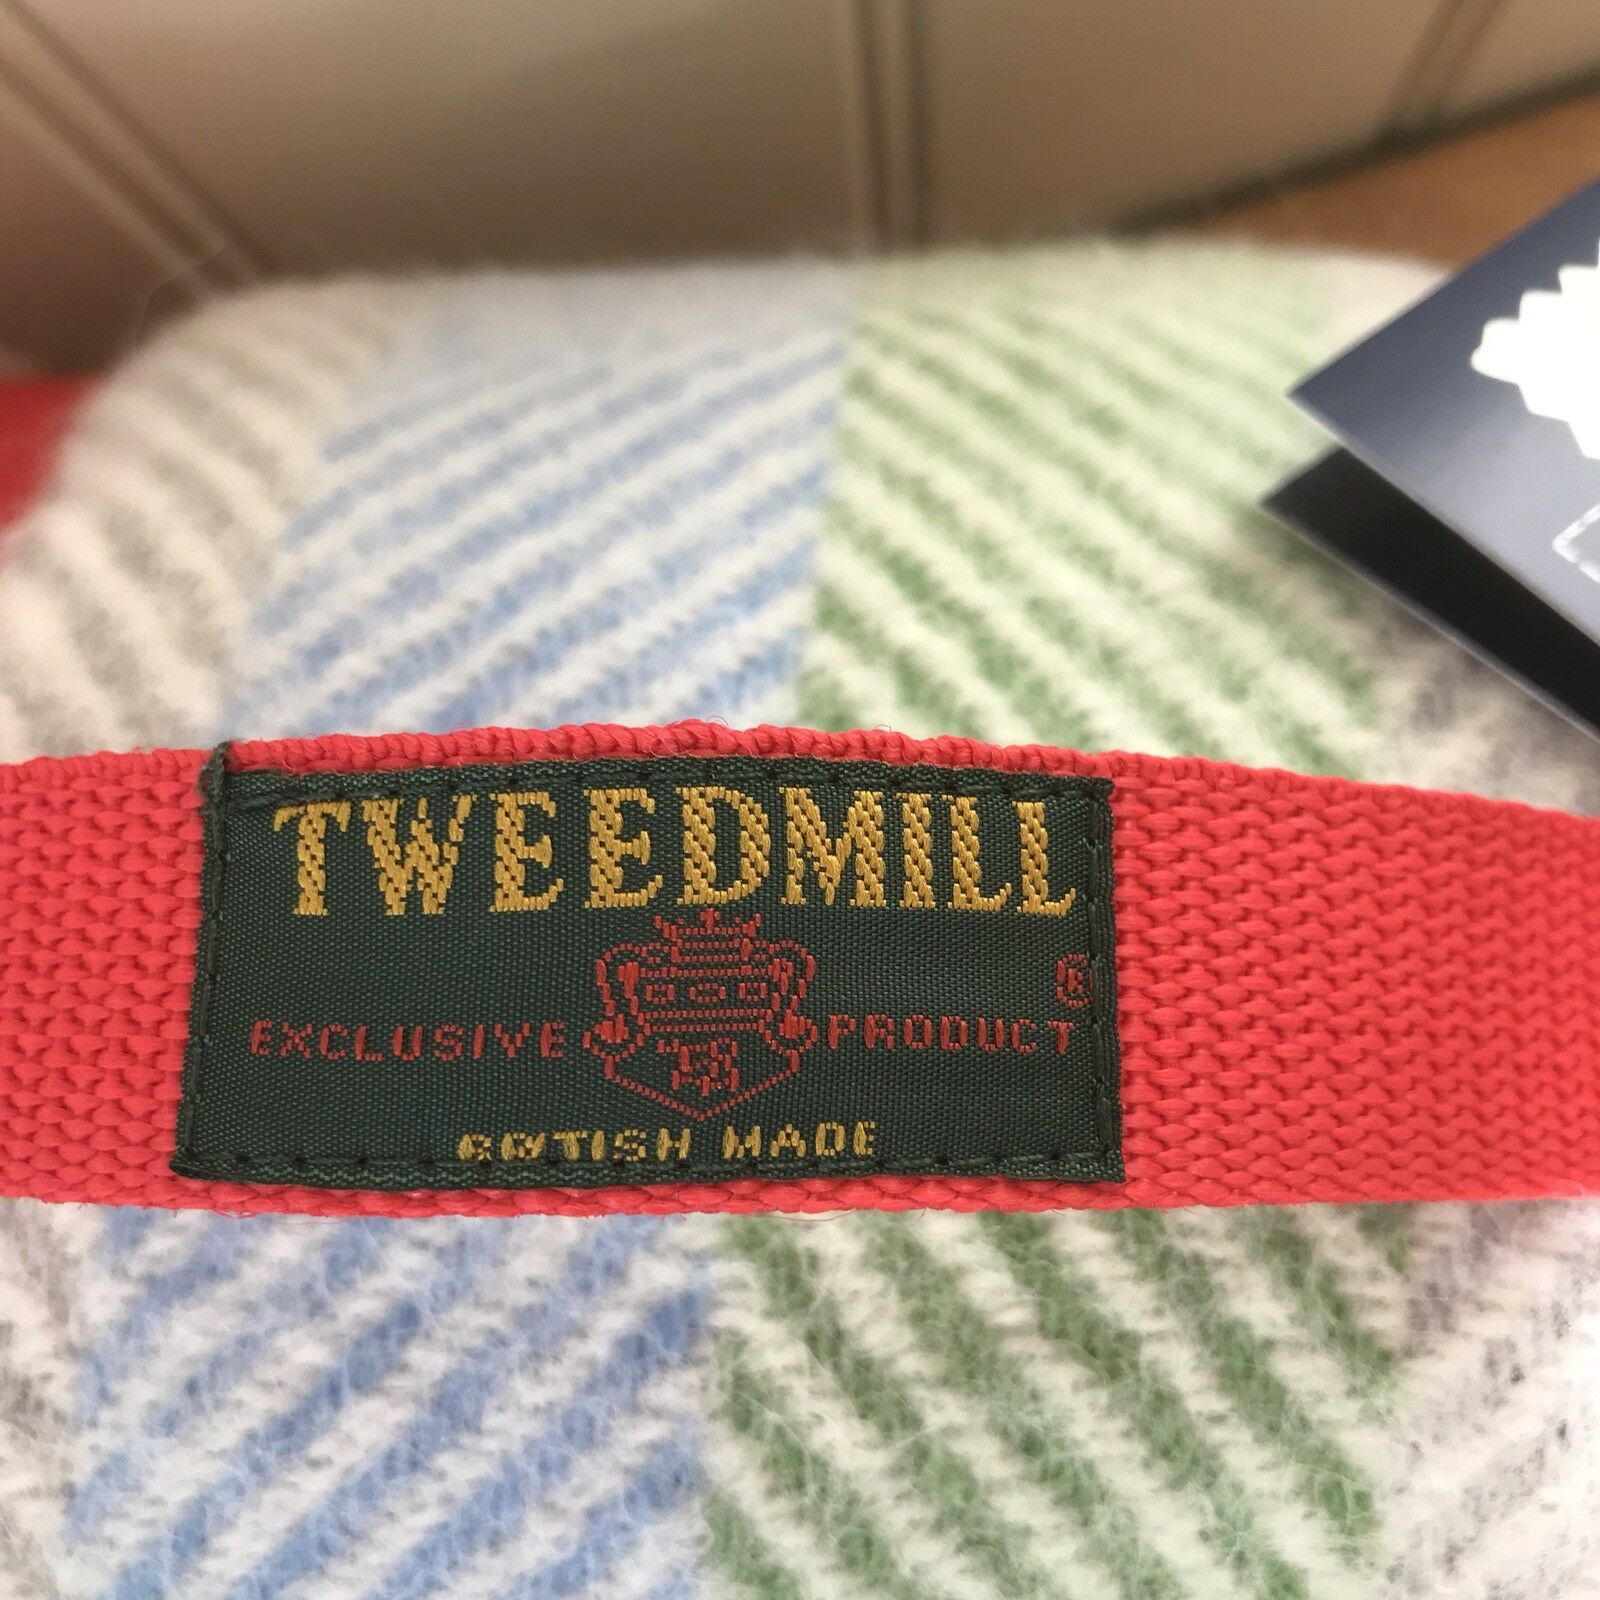 Tweedmill Polo Picnic Tapis Avec Avec Tapis Imperméable Support Arc en ciel à rayures 7fbc06